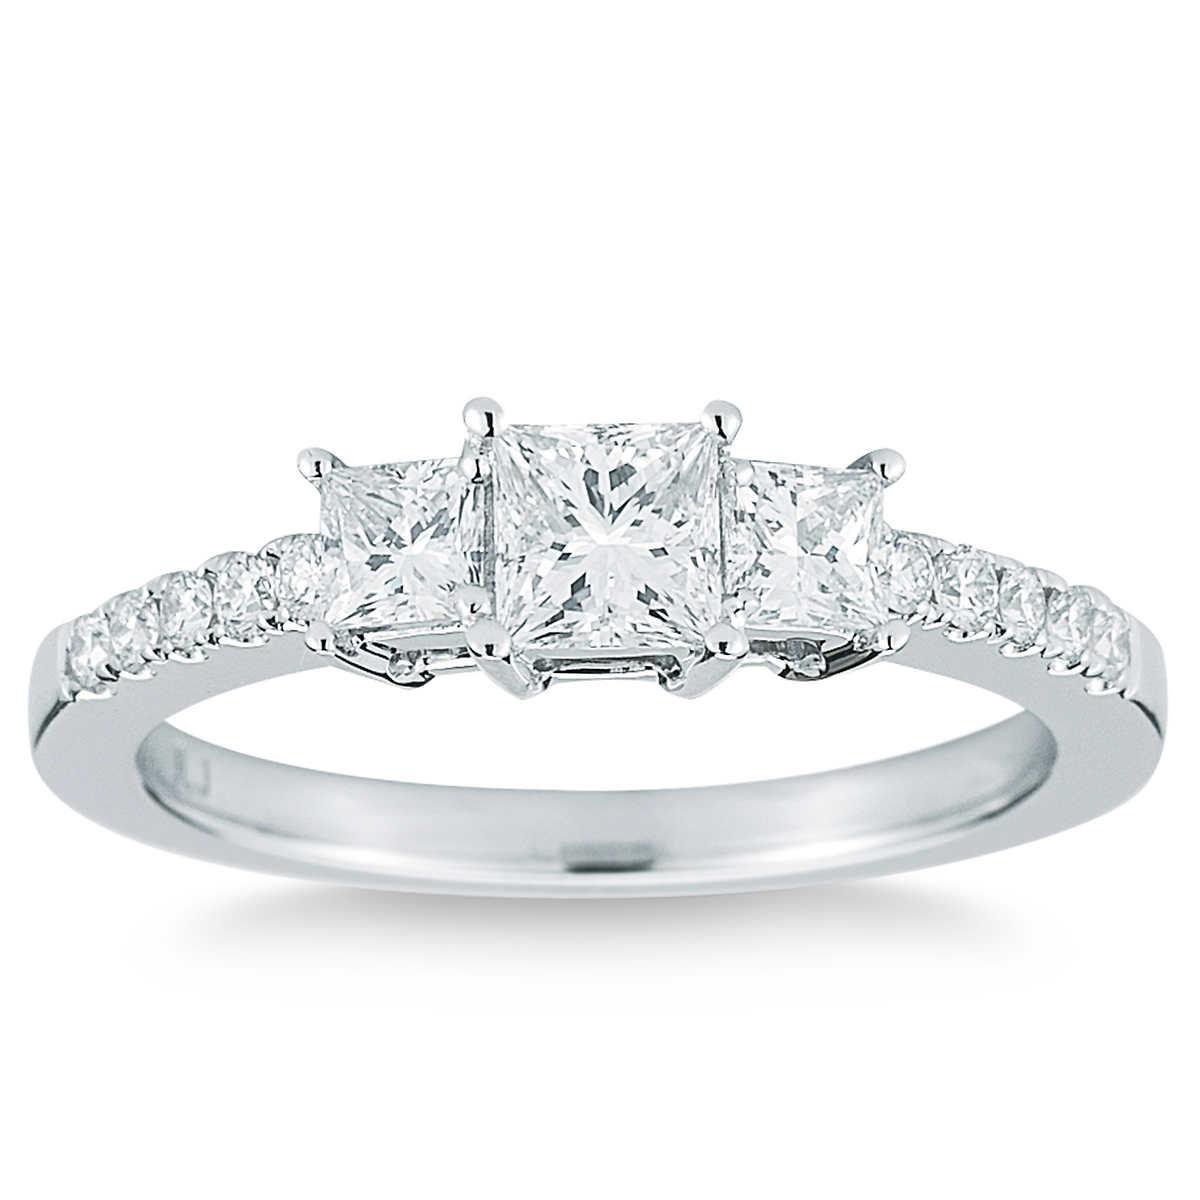 Princess Cut & Round Brilliant 100 Ctw Vs2 Clarity, I Color Diamond 14kt  White Gold